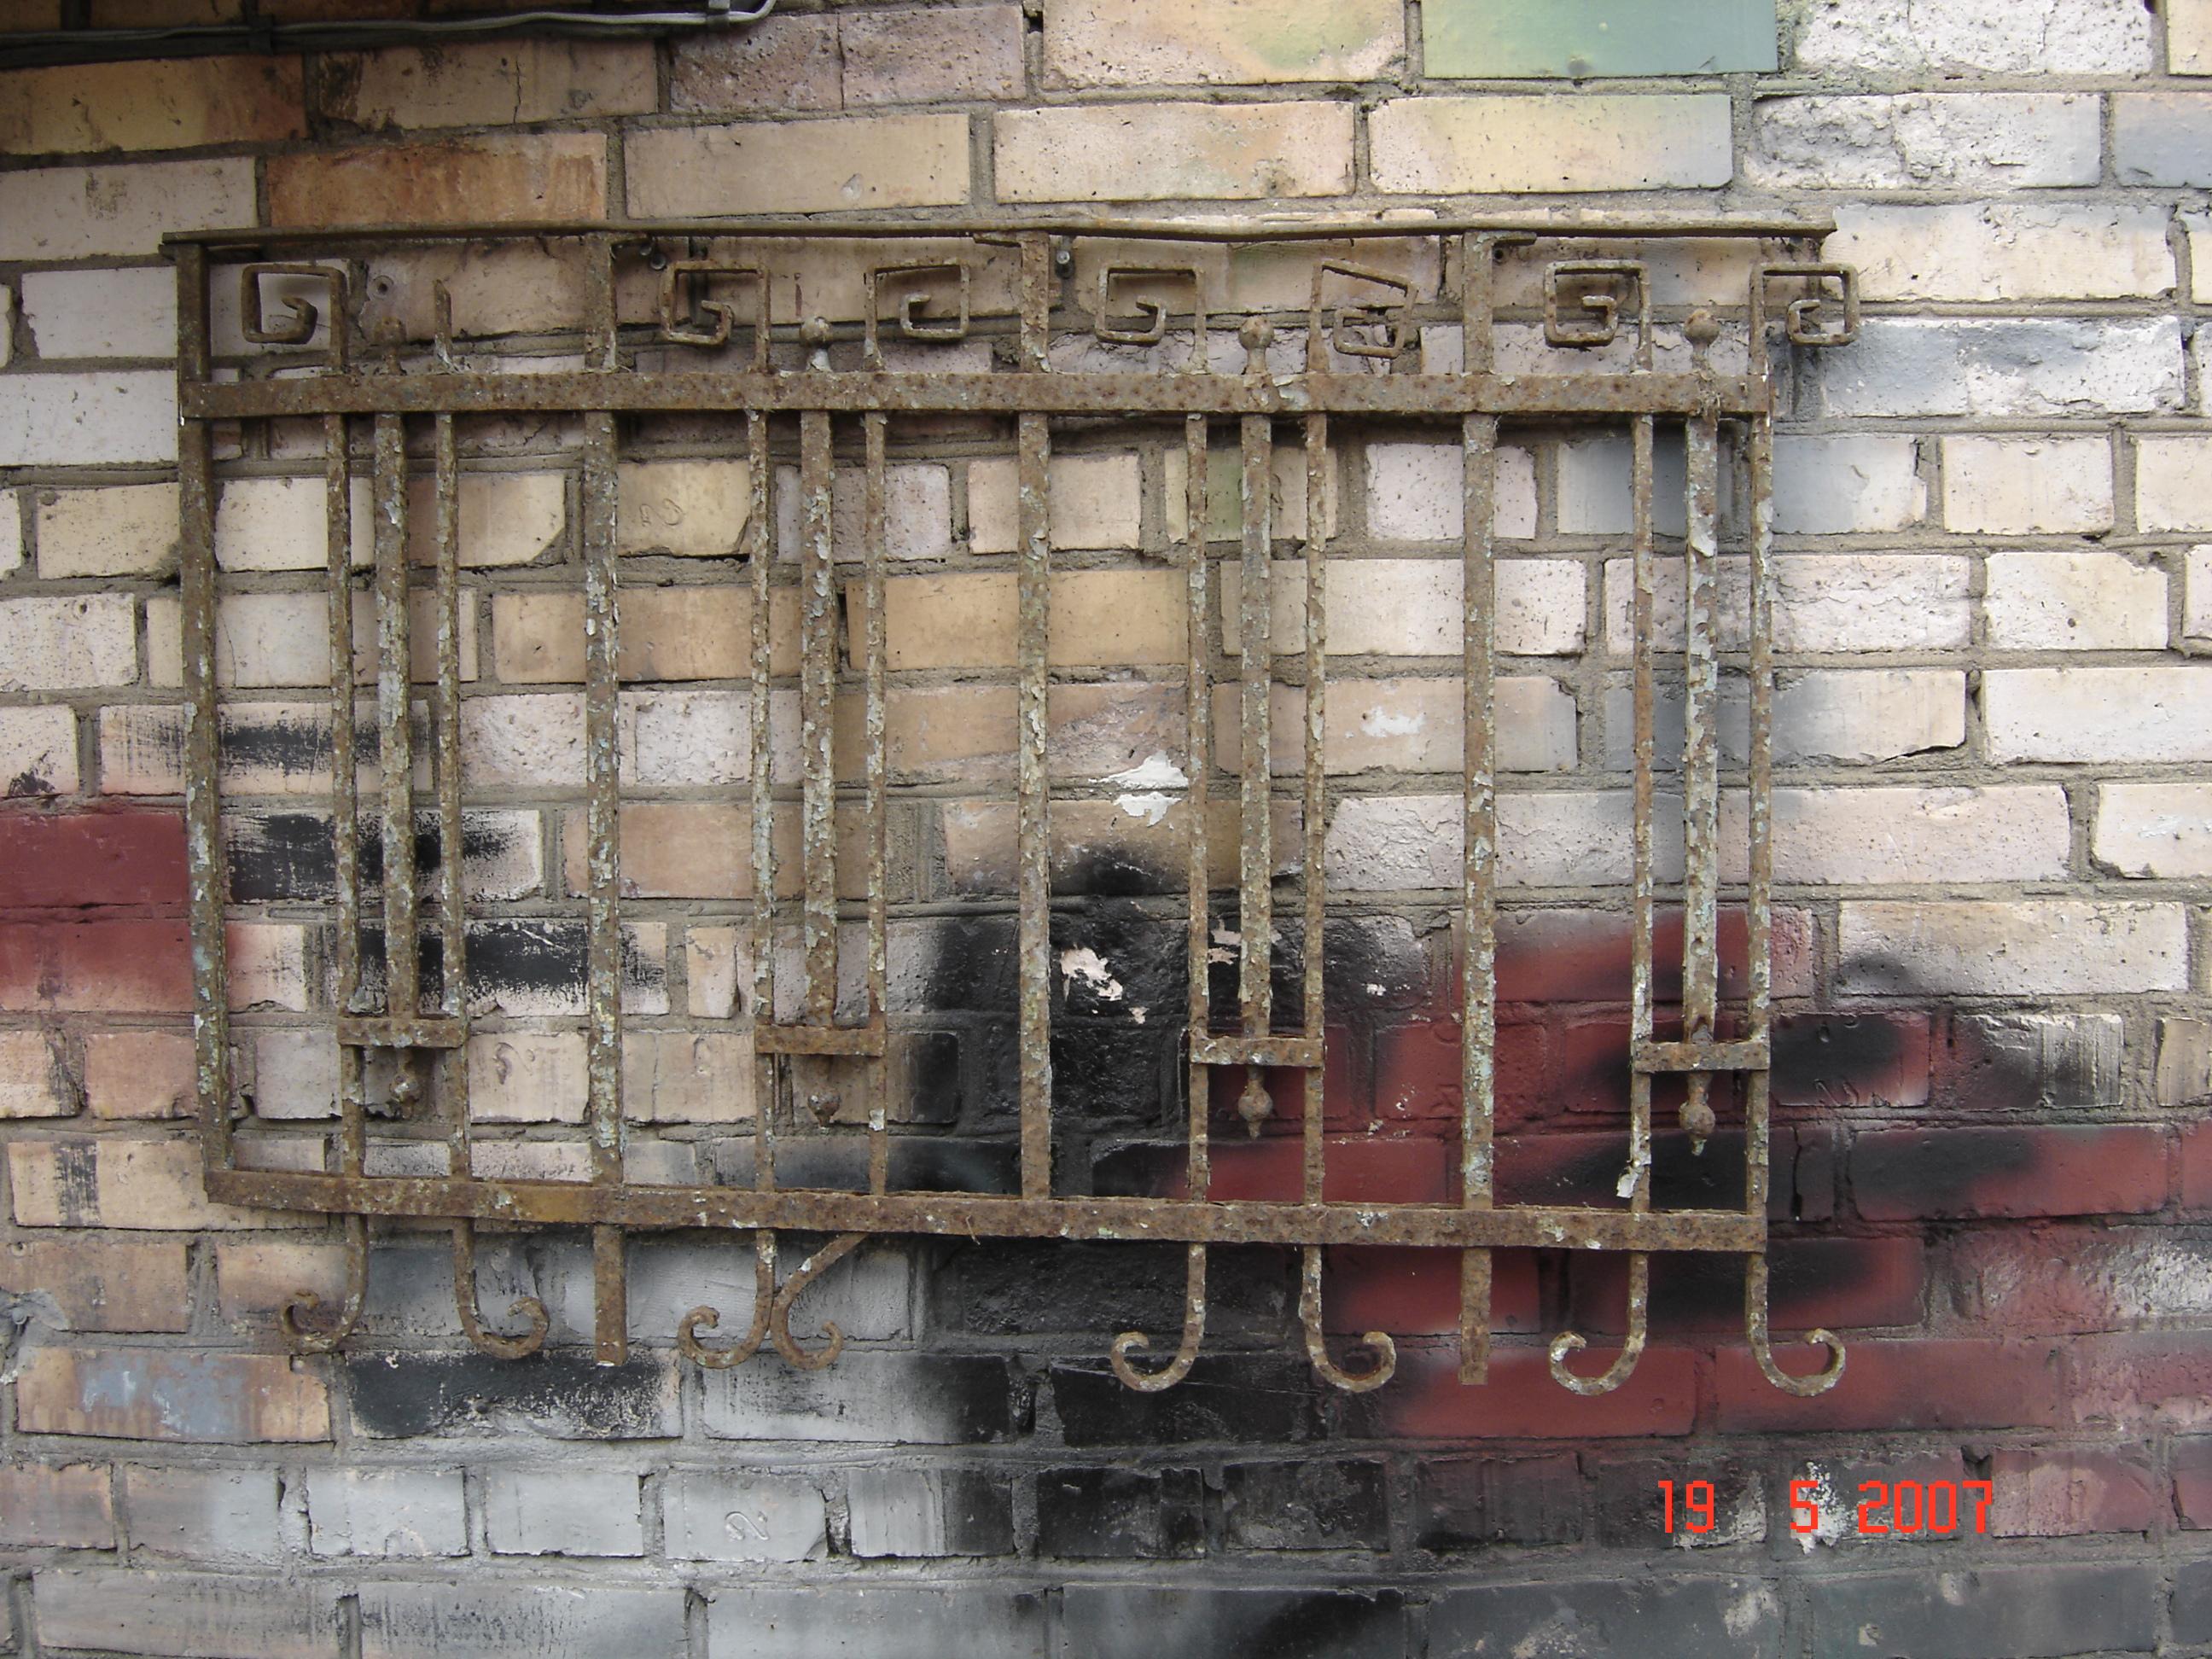 лестничное ограждение 10 гг. ХХ века, художественная ковка, Владивосток